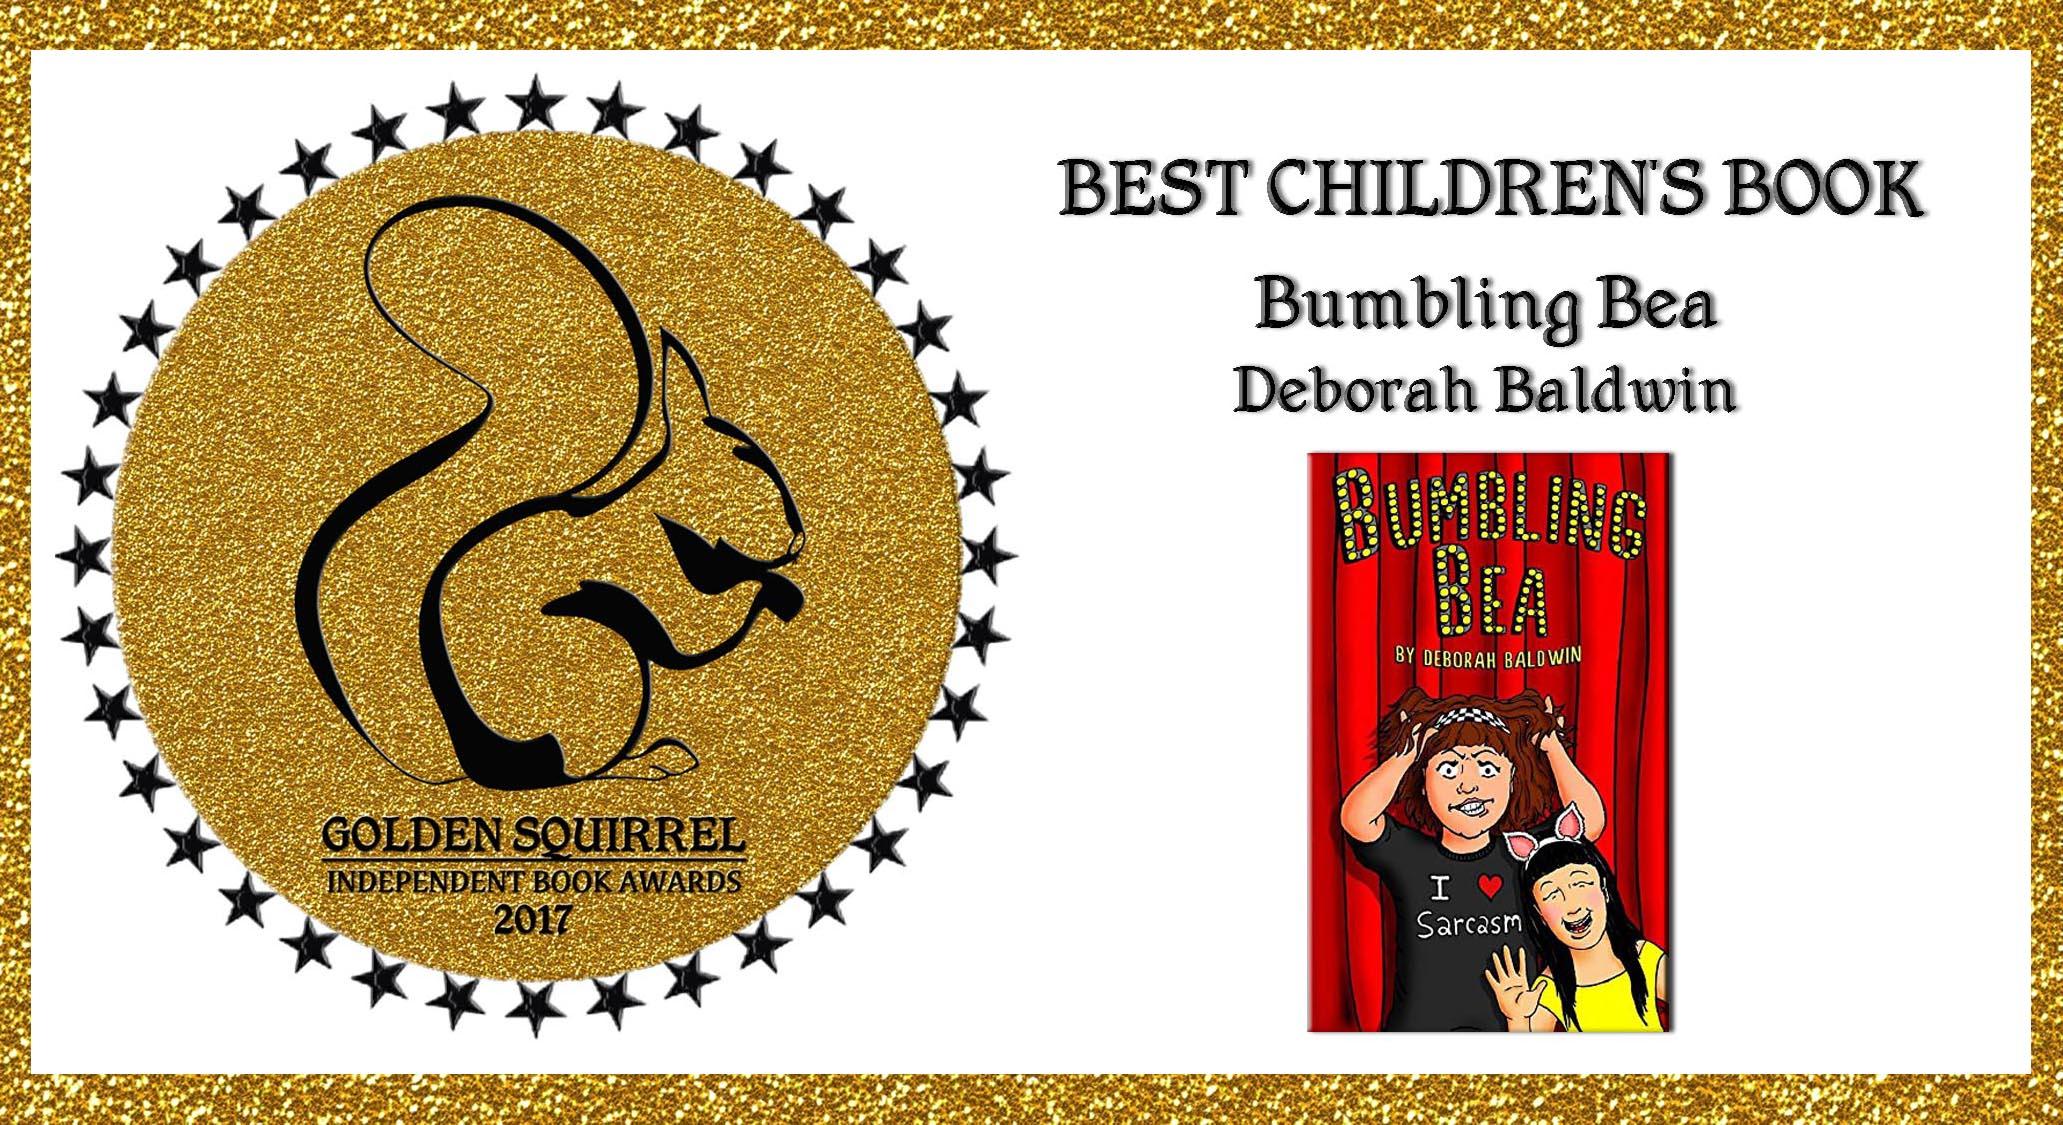 Golden Squirrel Best Childrens